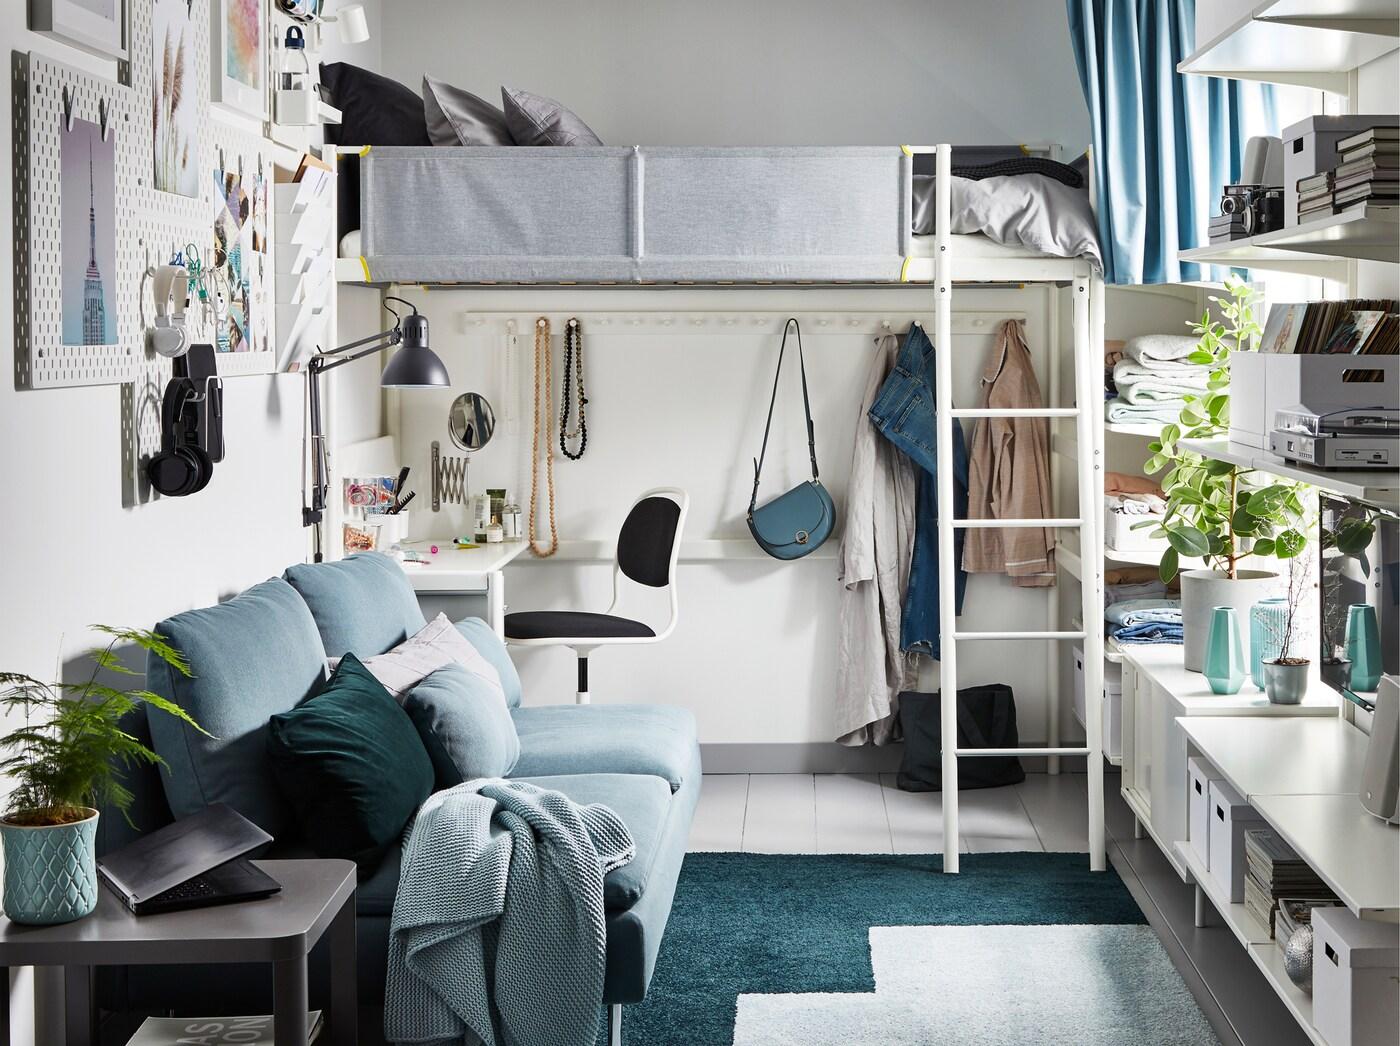 Petit appartement à une chambre dans les tons de gris, vert et blanc. Sous un lit mezzanine se trouve un bureau.